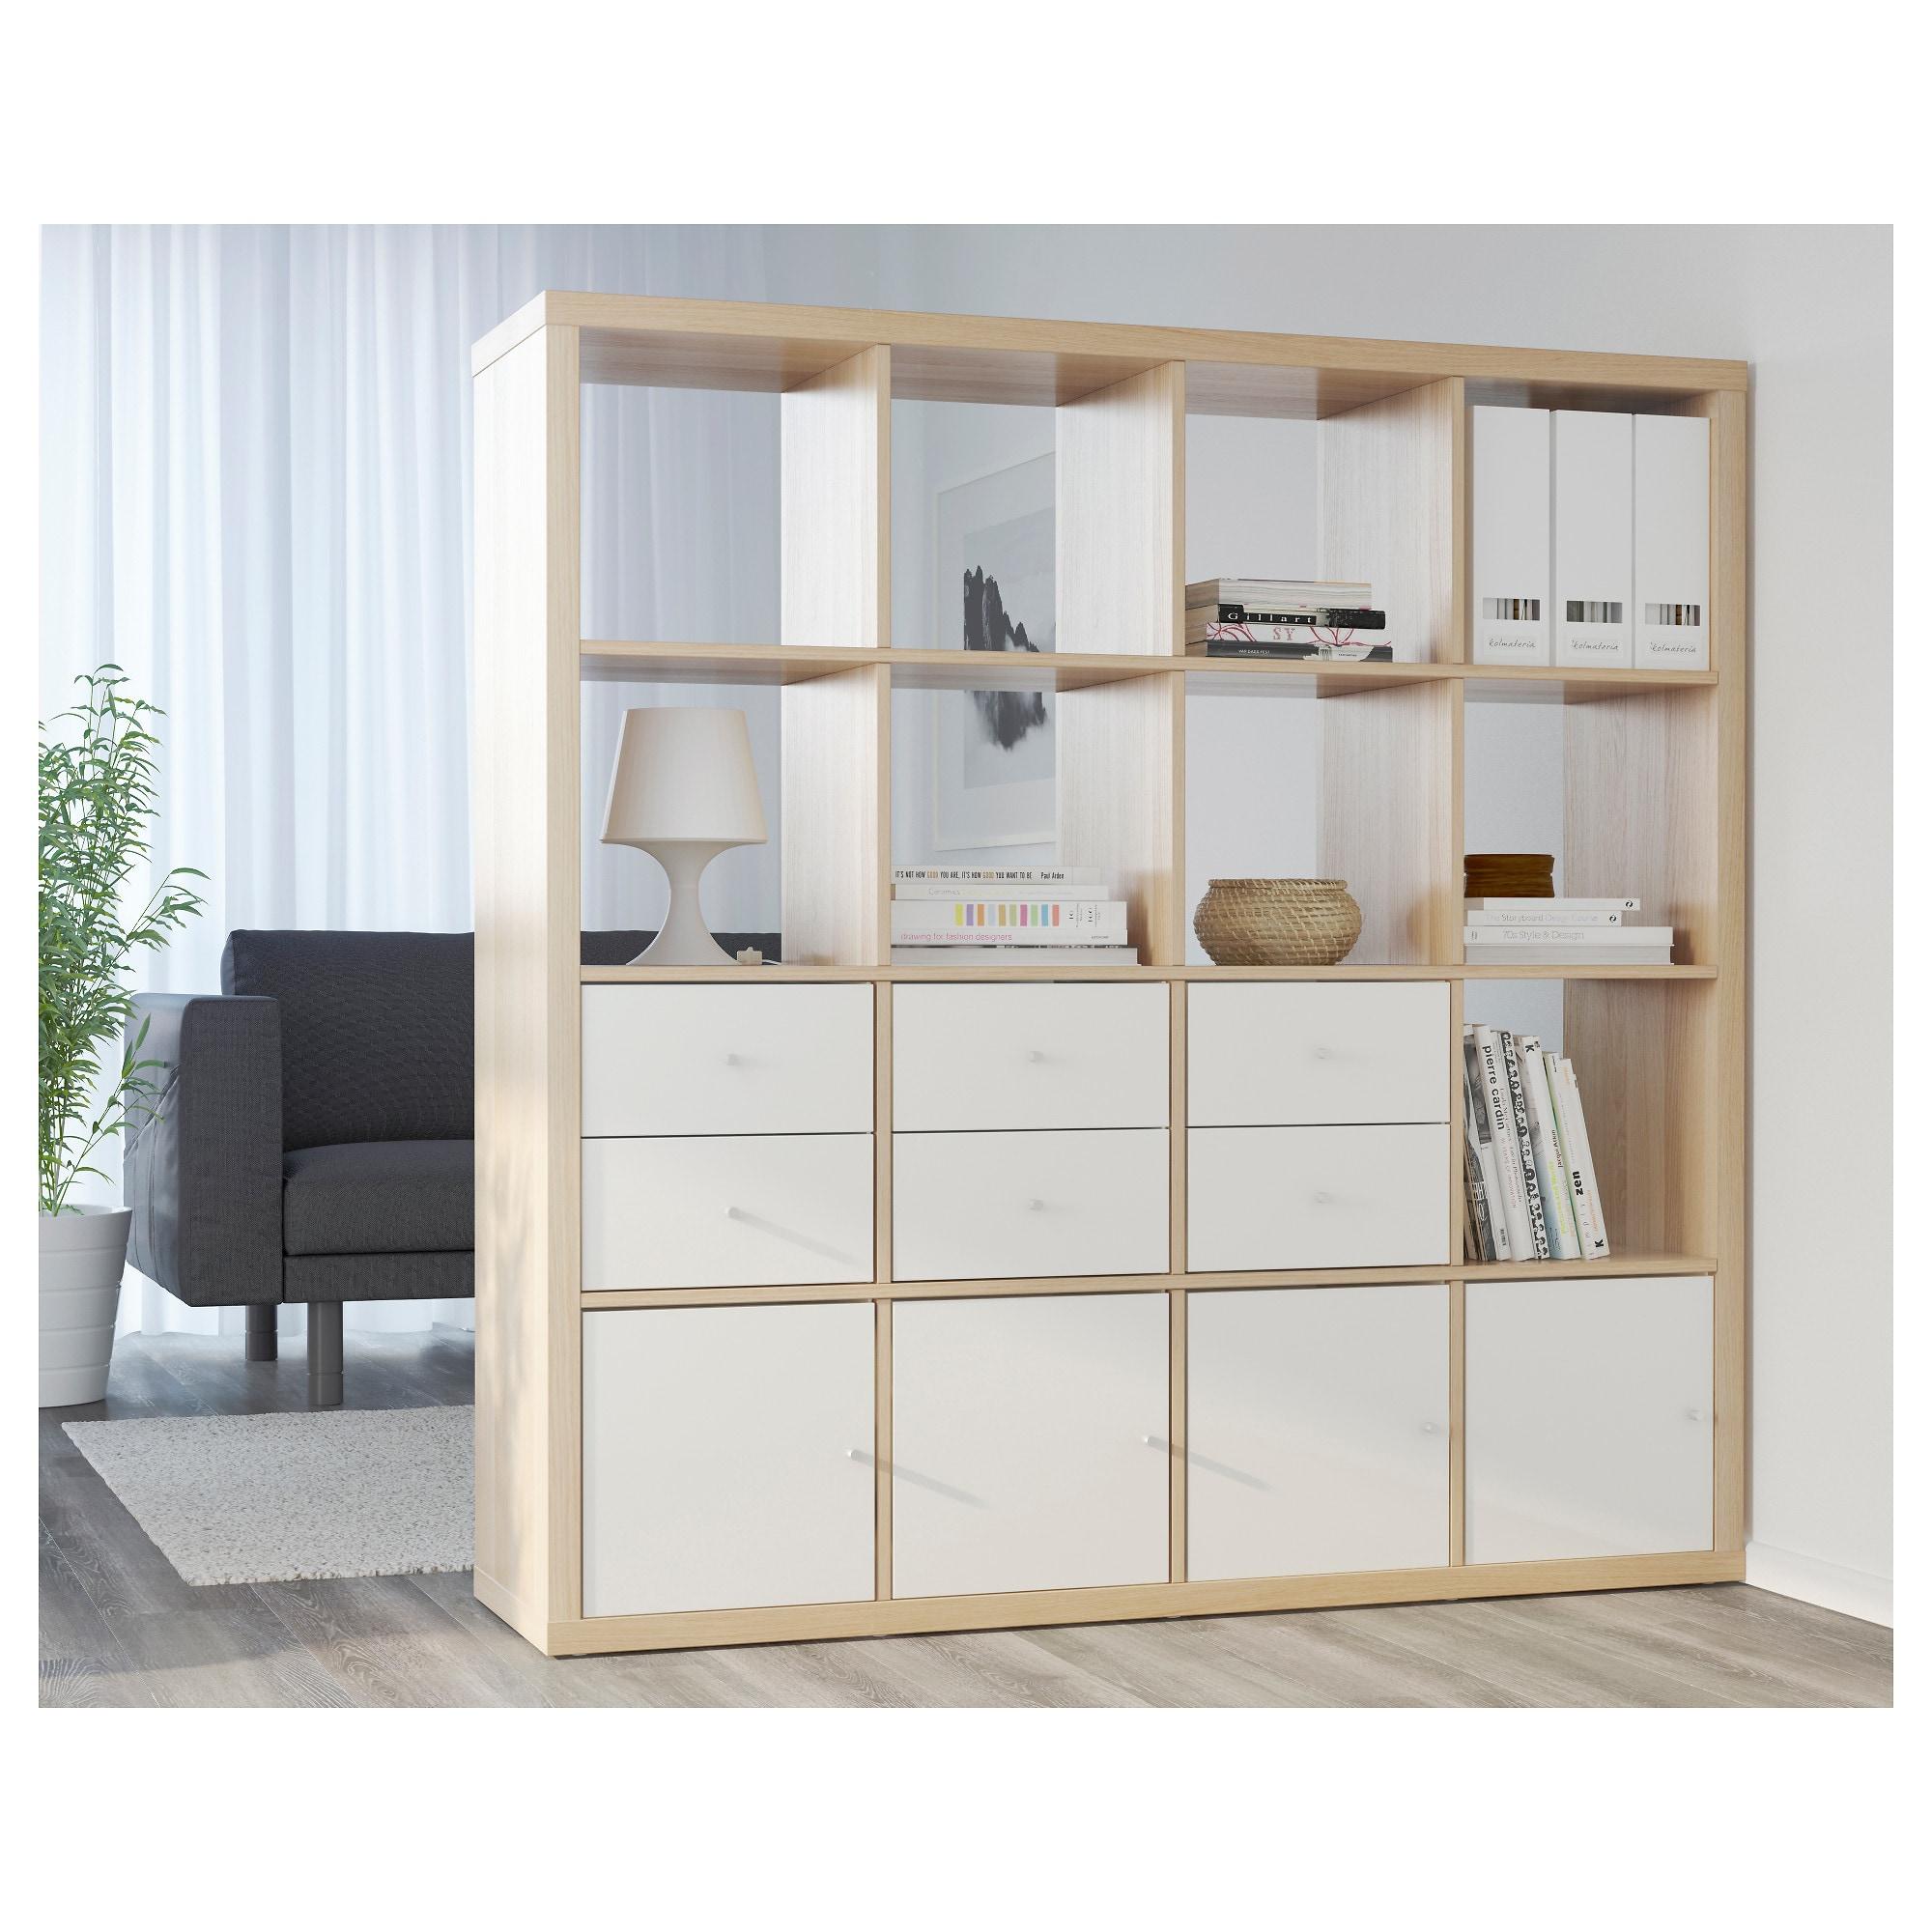 Full Size of Ikea Raumteiler Kallaregal Wei Deutschland Betten Bei Regal 160x200 Miniküche Modulküche Küche Kosten Sofa Mit Schlaffunktion Kaufen Wohnzimmer Ikea Raumteiler